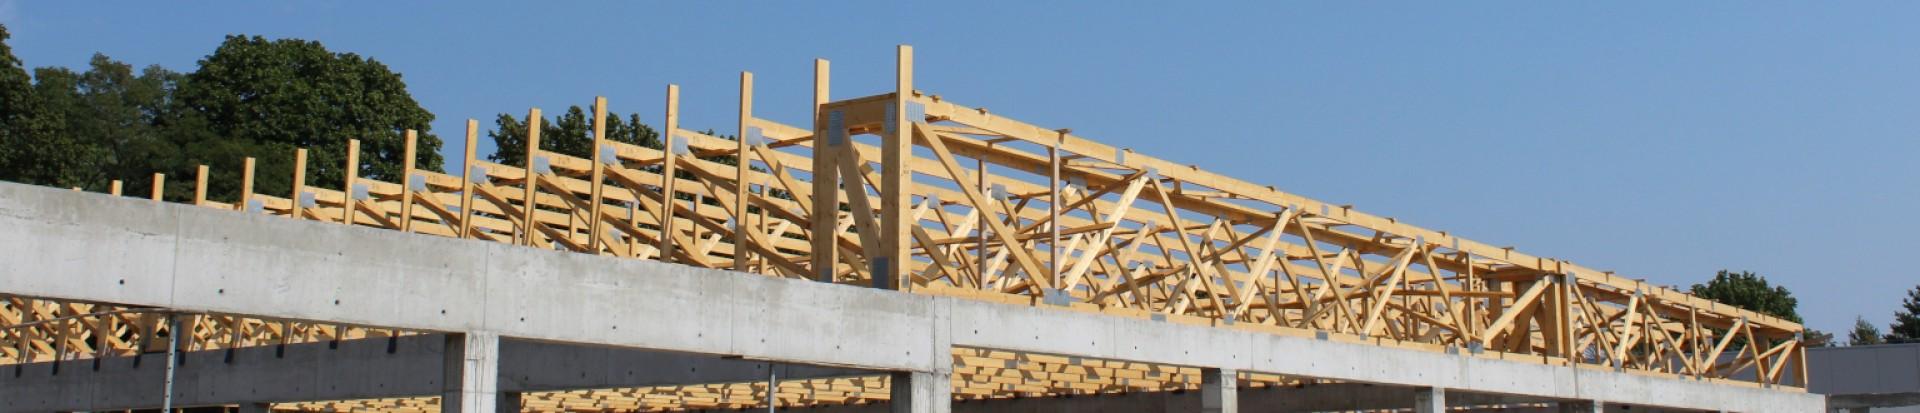 Montaż konstrukcji dachu pawilonu handlowego w miejsc. Konstancin-Jeziorna